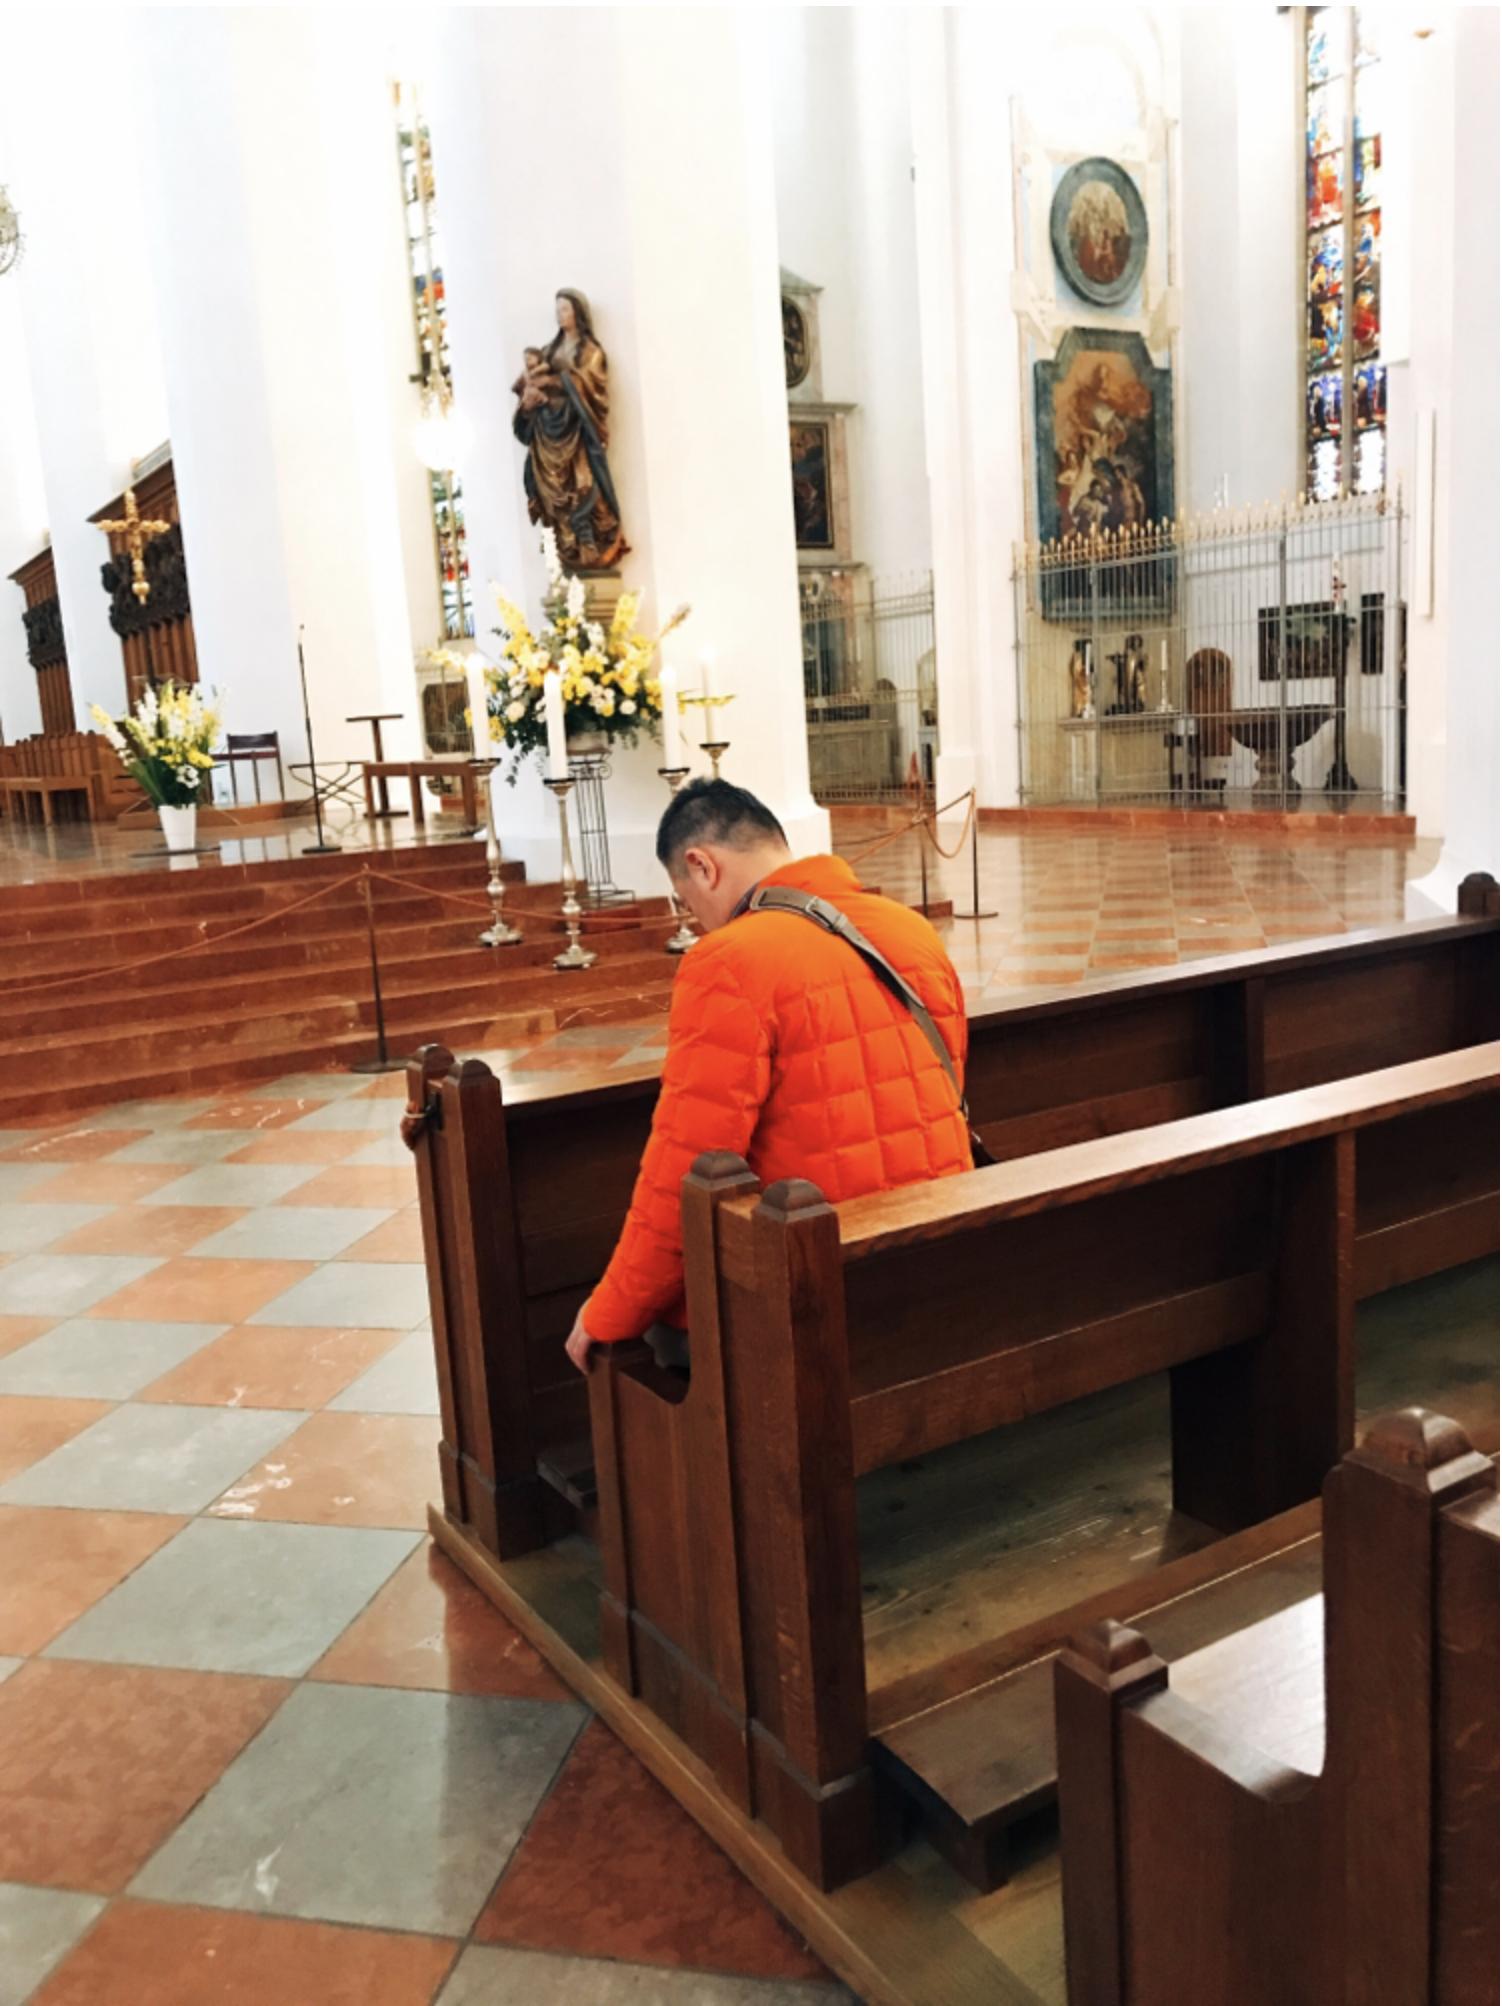 ミュンヘン市内観光 フラウエン教会7